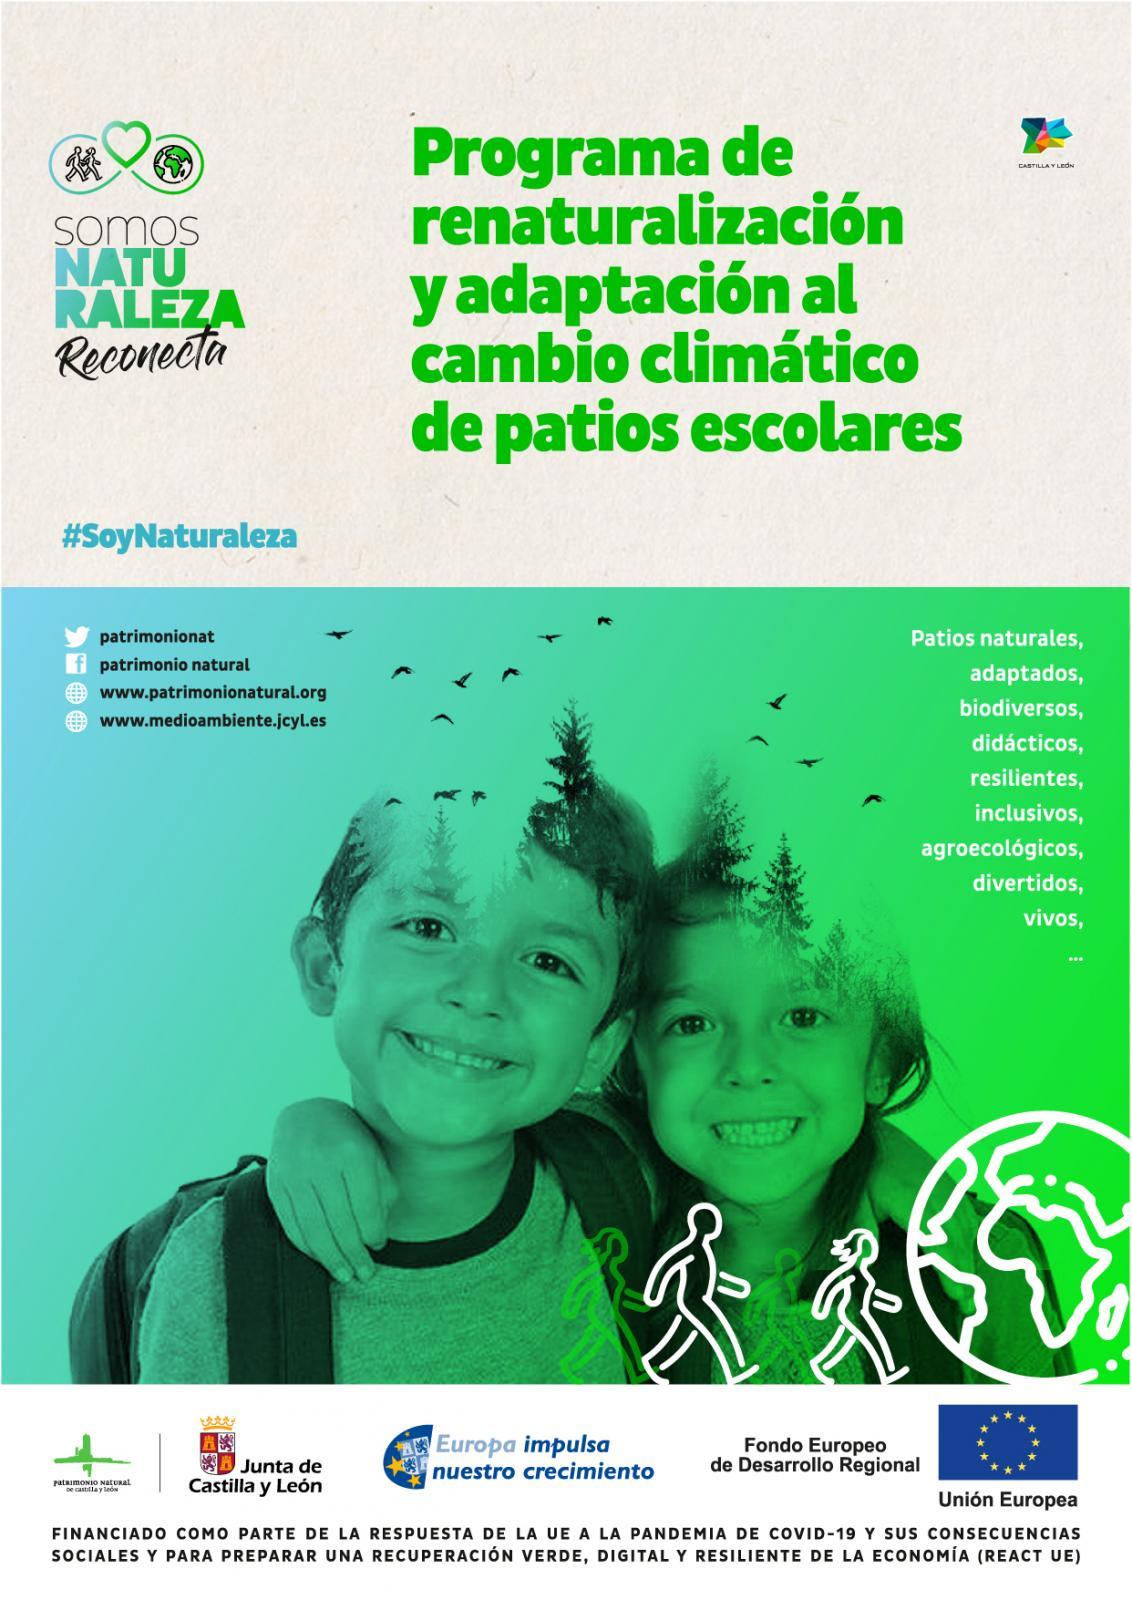 Los centros escolares de Castilla y León serán pioneros en la adaptación al cambio climático